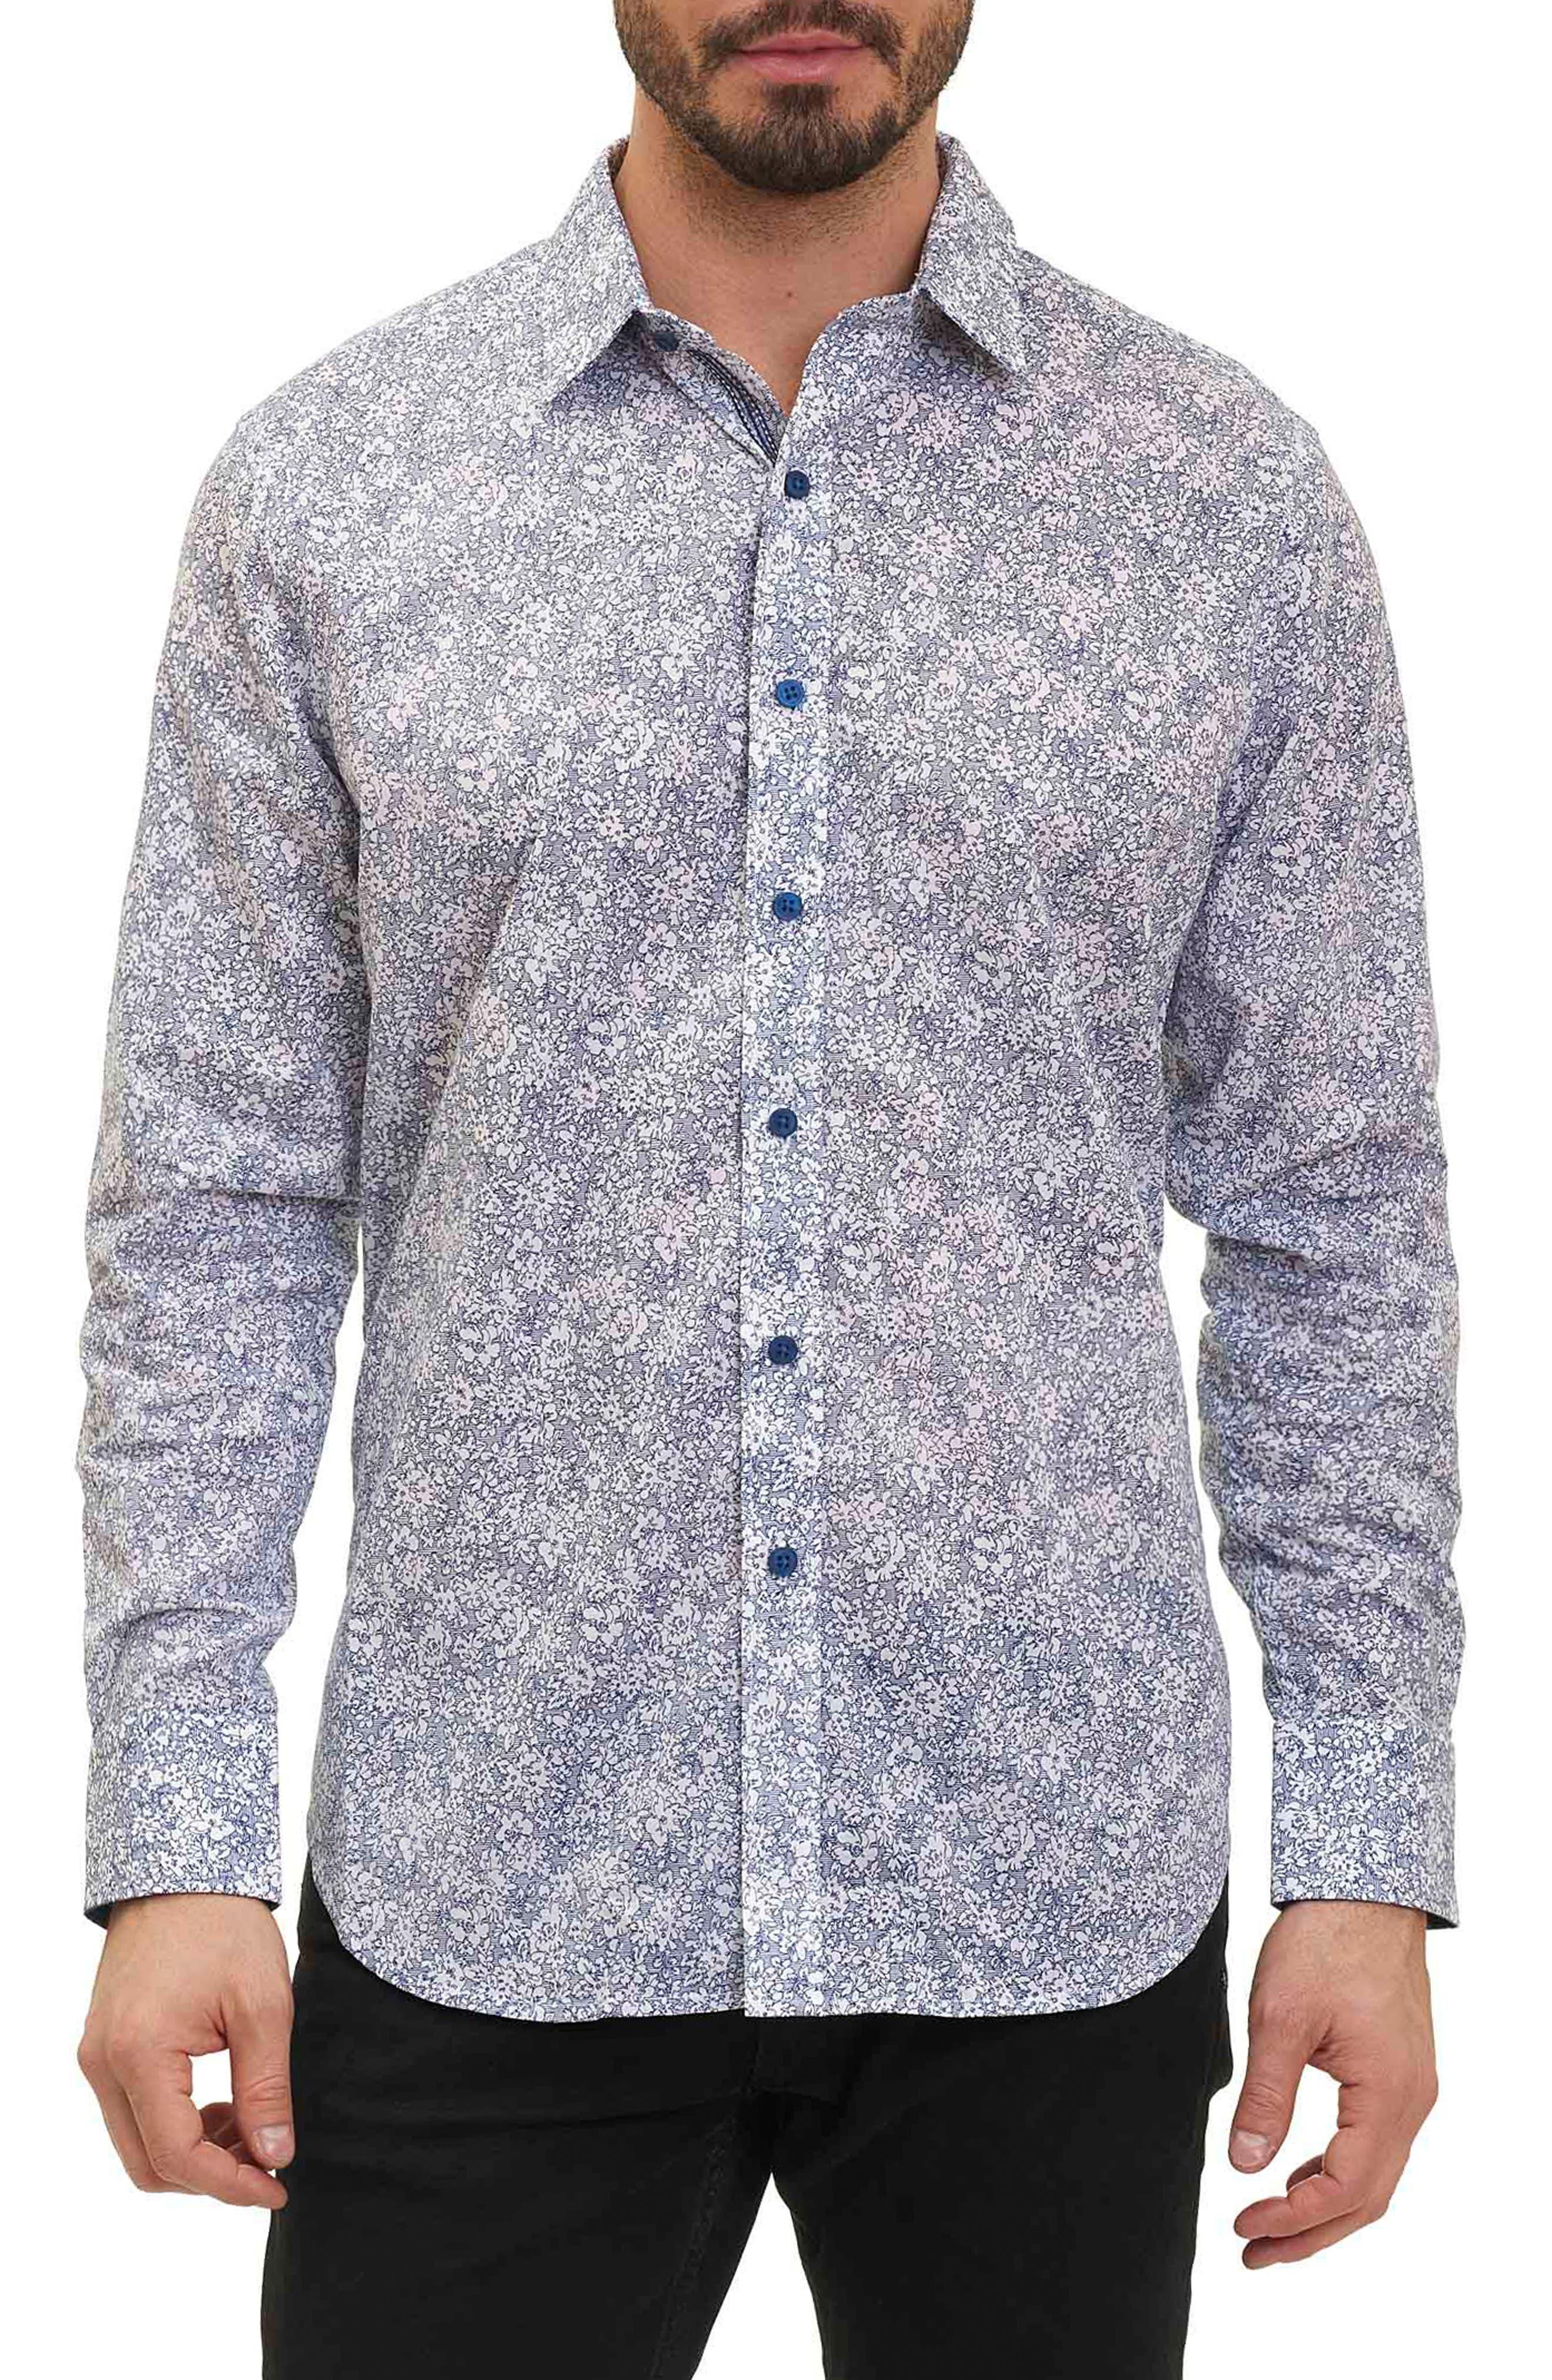 ROBERT GRAHAM Moss Landing Classic Fit Floral Print Sport Shirt